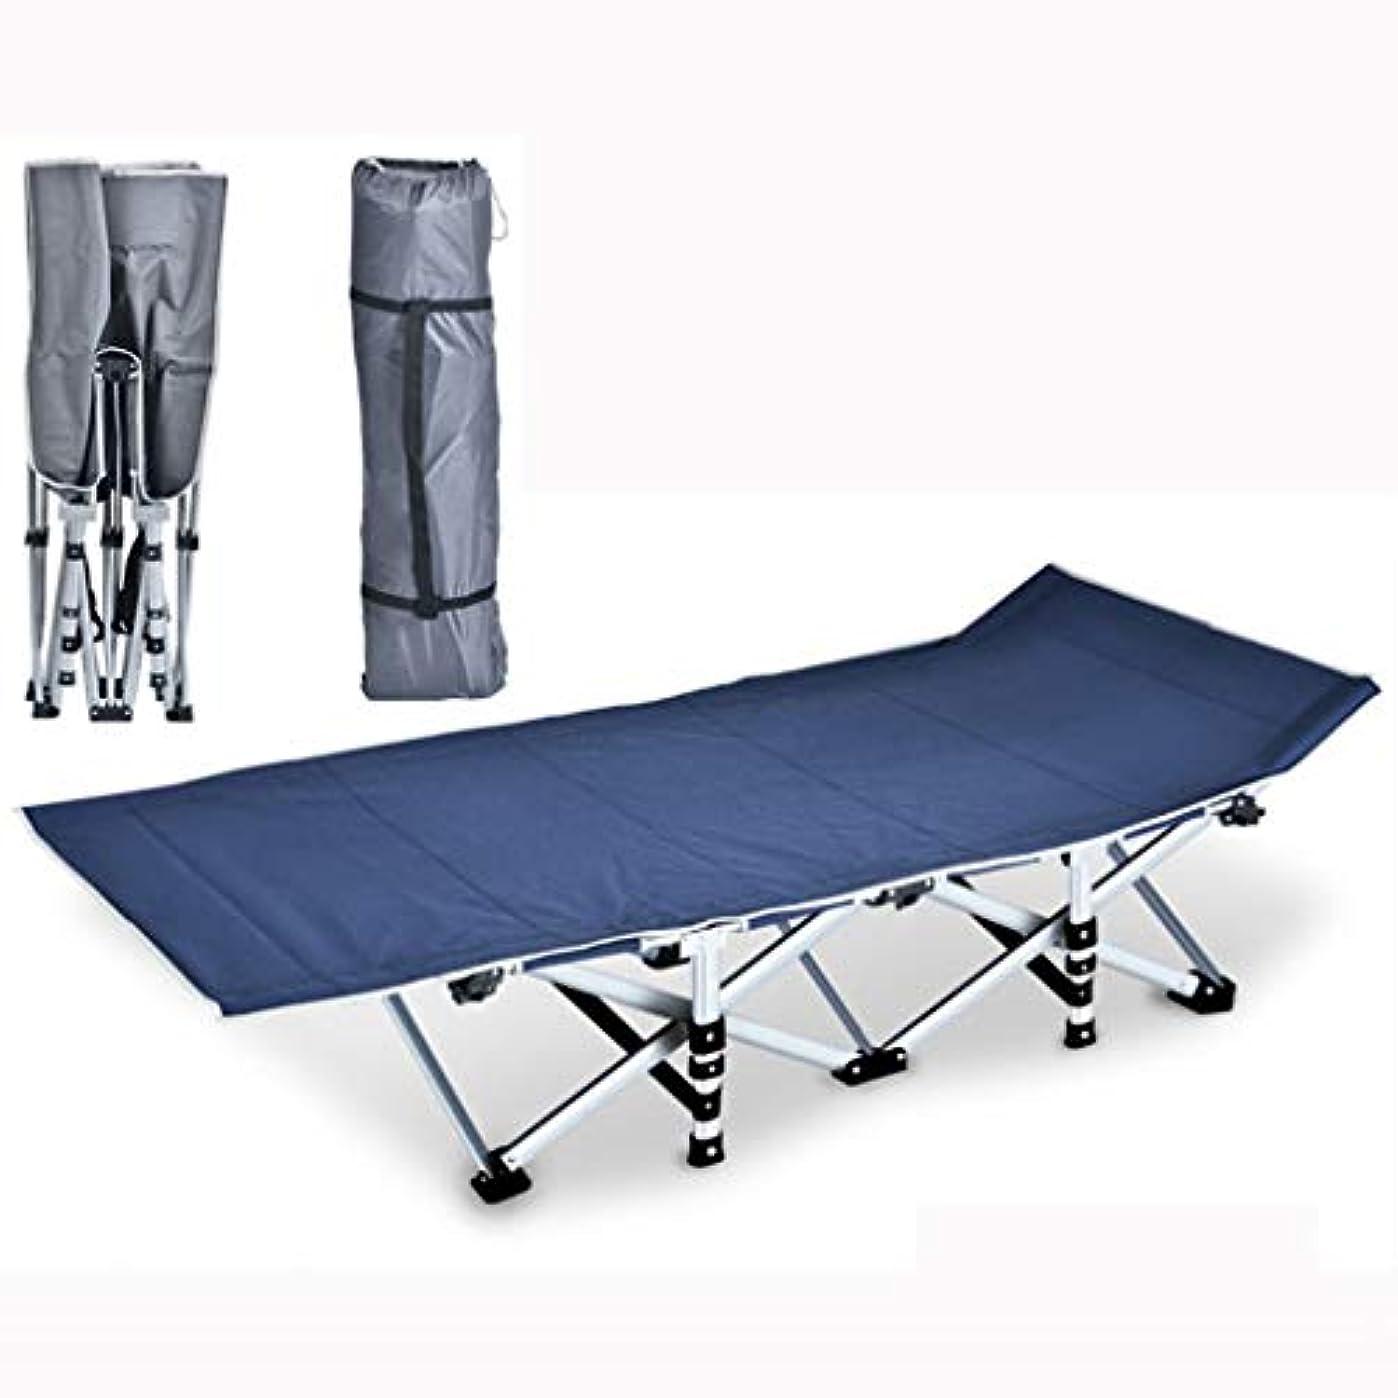 自慢逃げるわずかにアウトドアベッド キャンプ コット.キャンピング ベッド アウトドアコット 組立不要 キャンプベッド レジャーベッド 簡易ベッド 野外用 持ち運び便利 仮眠?残業?防災用 昼休 折りたたみ式ベッド